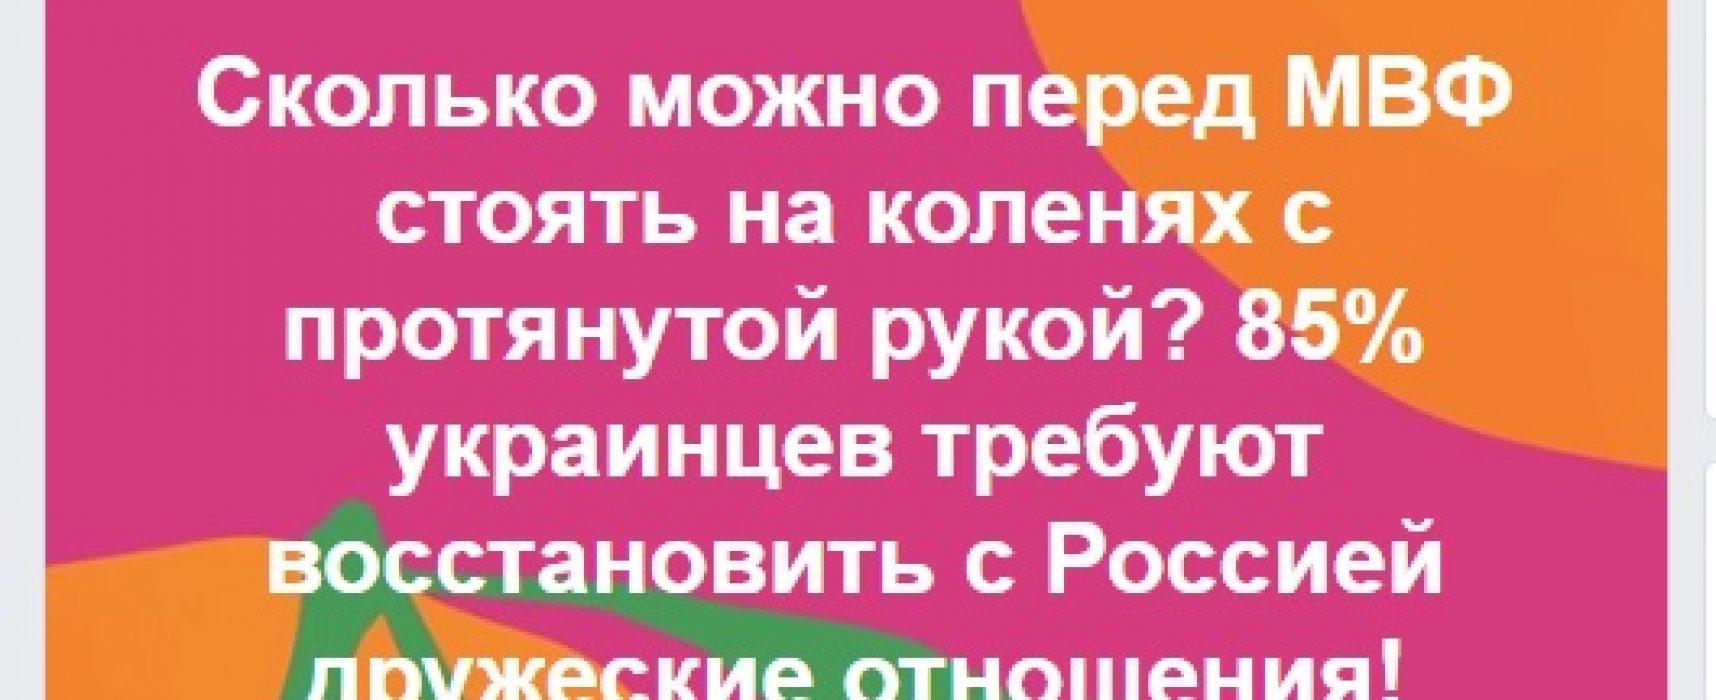 Фейк: 85% украинцев требуют восстановить дружественные отношения с Россией